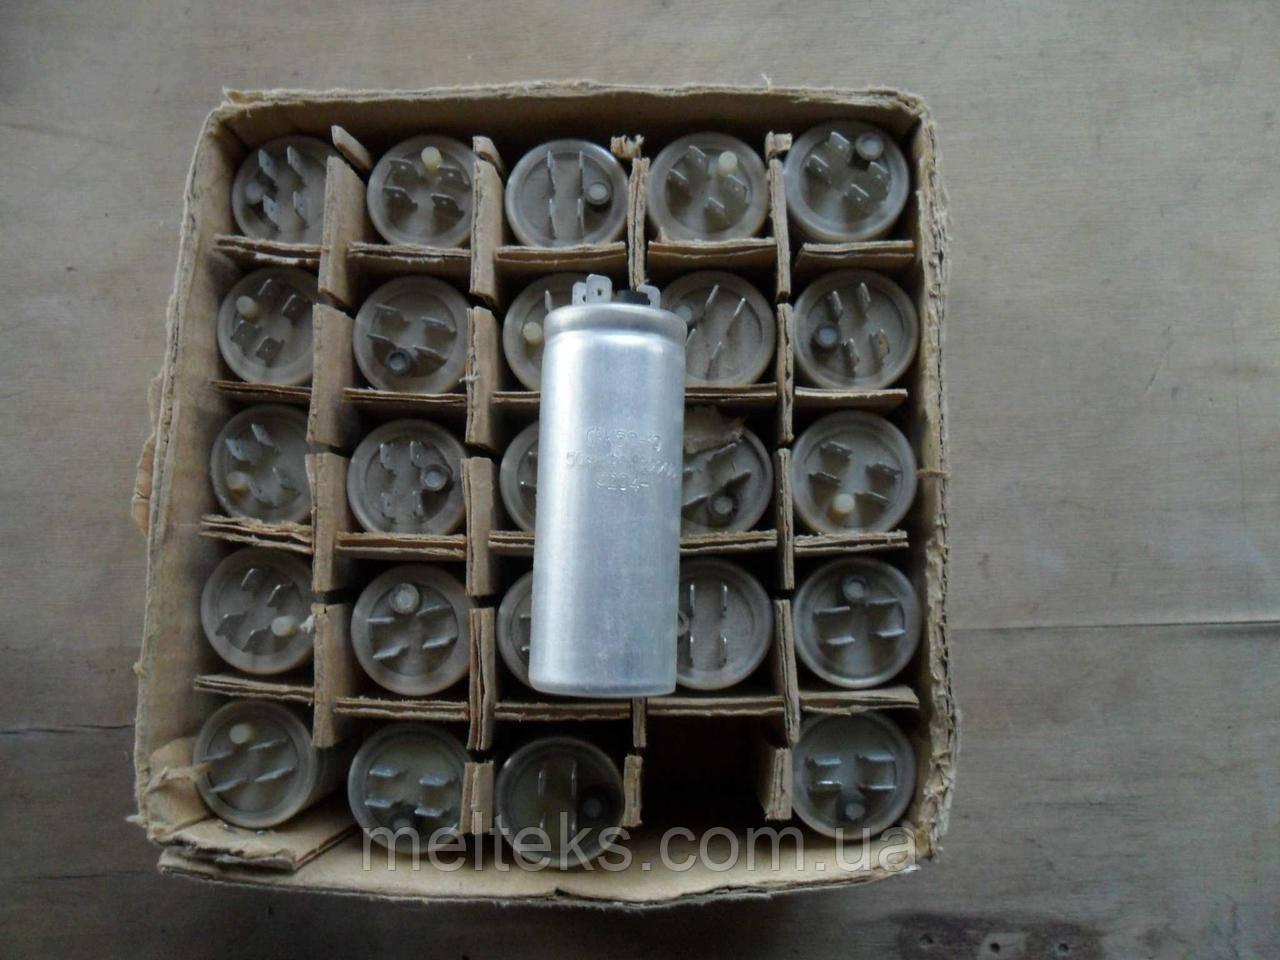 Конденсатор К50-19 50 и 75 мкФ